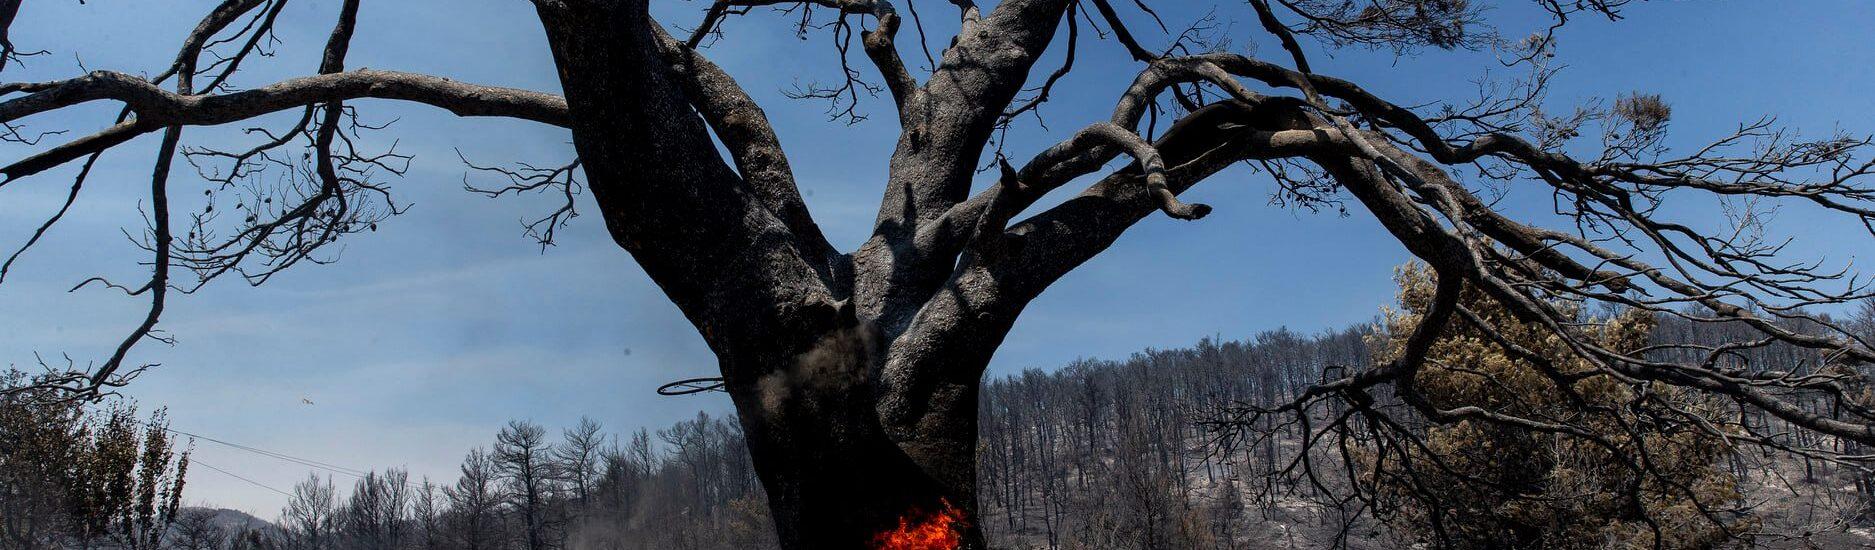 Πώς η κλιματική κρίση έβαλε φωτιά και στη... γειτονιά μας